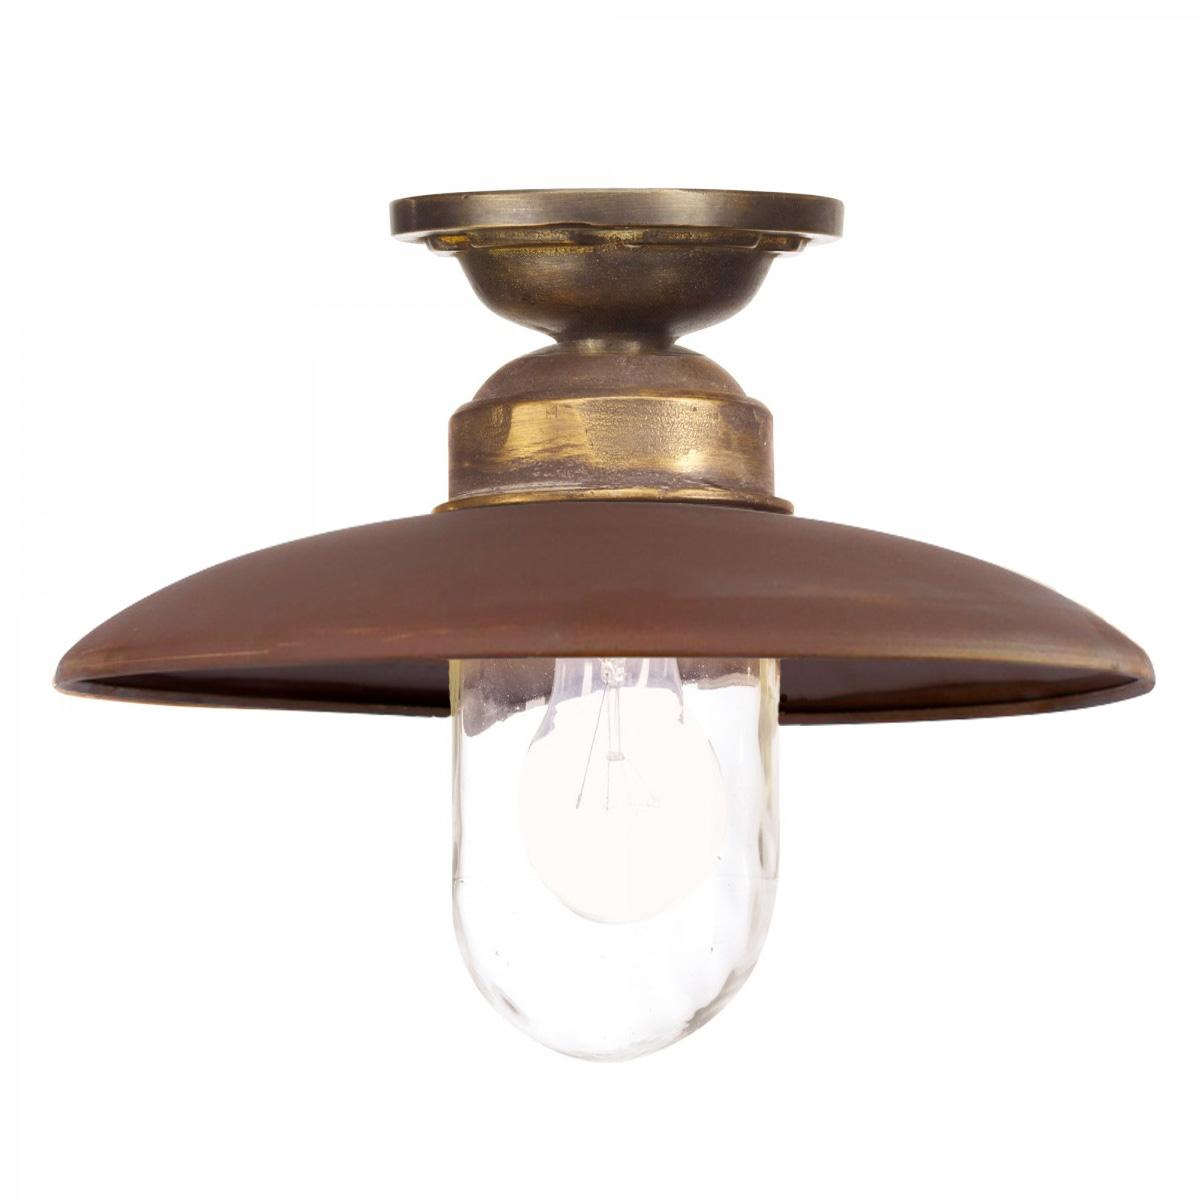 lampen voor onder de overkapping - exclusieve onderhoudsvrije plafondlamp Landes - Nostalux